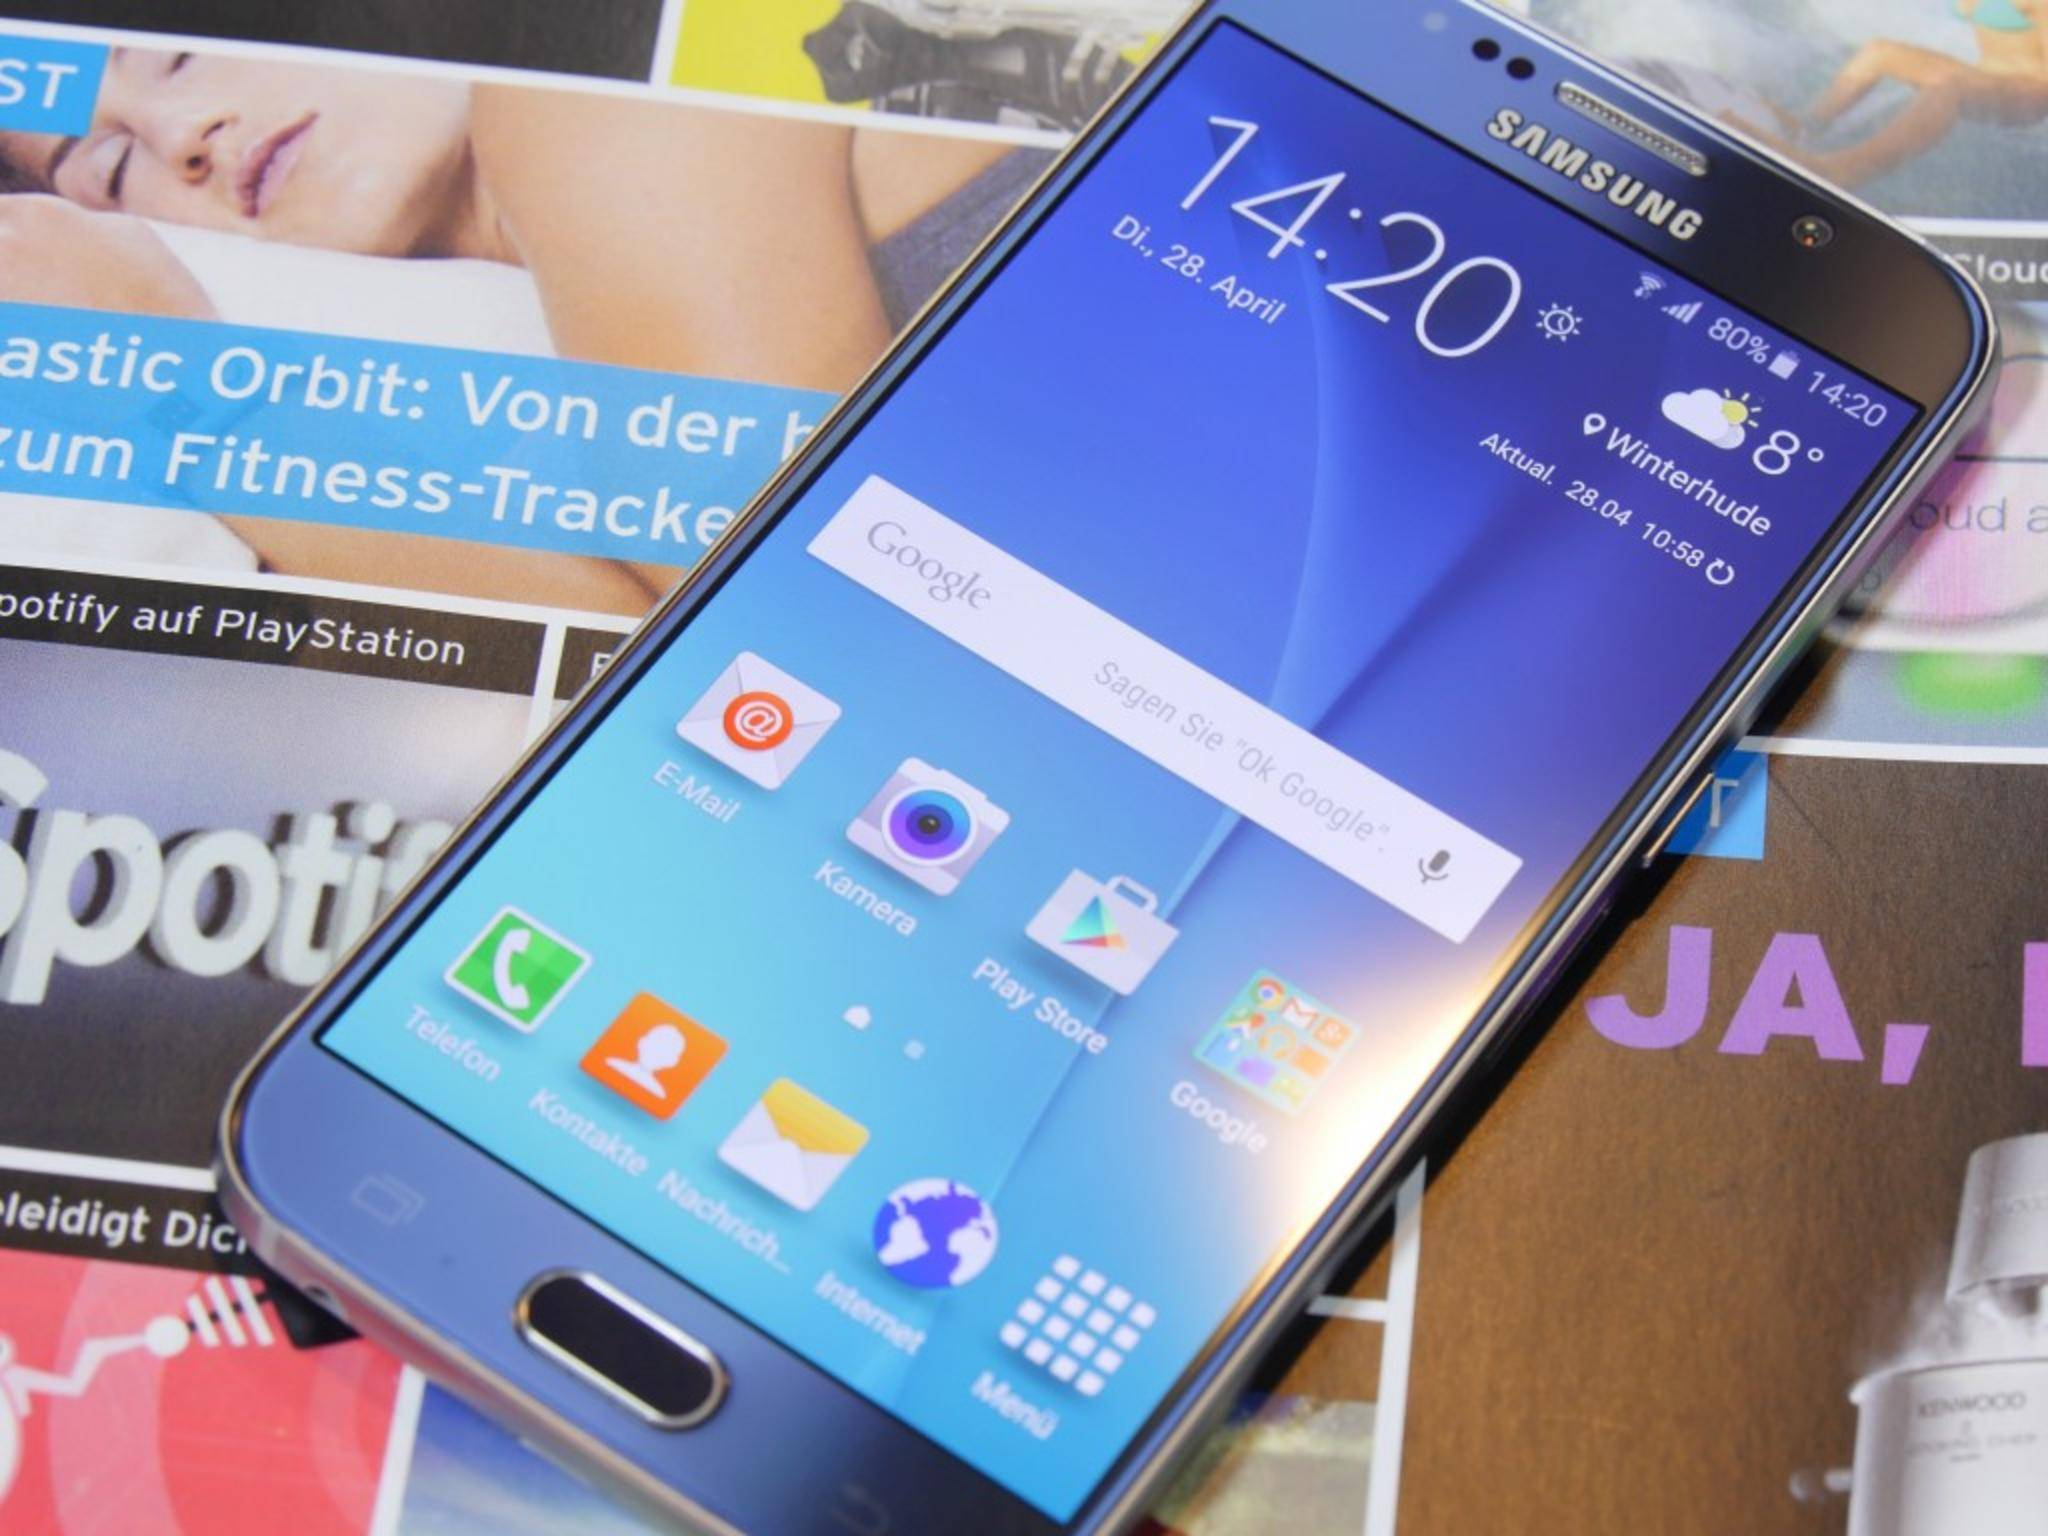 Das Galaxy S6 hat Samsung geholfen, die Smartphone-Krone zurückzuerobern.